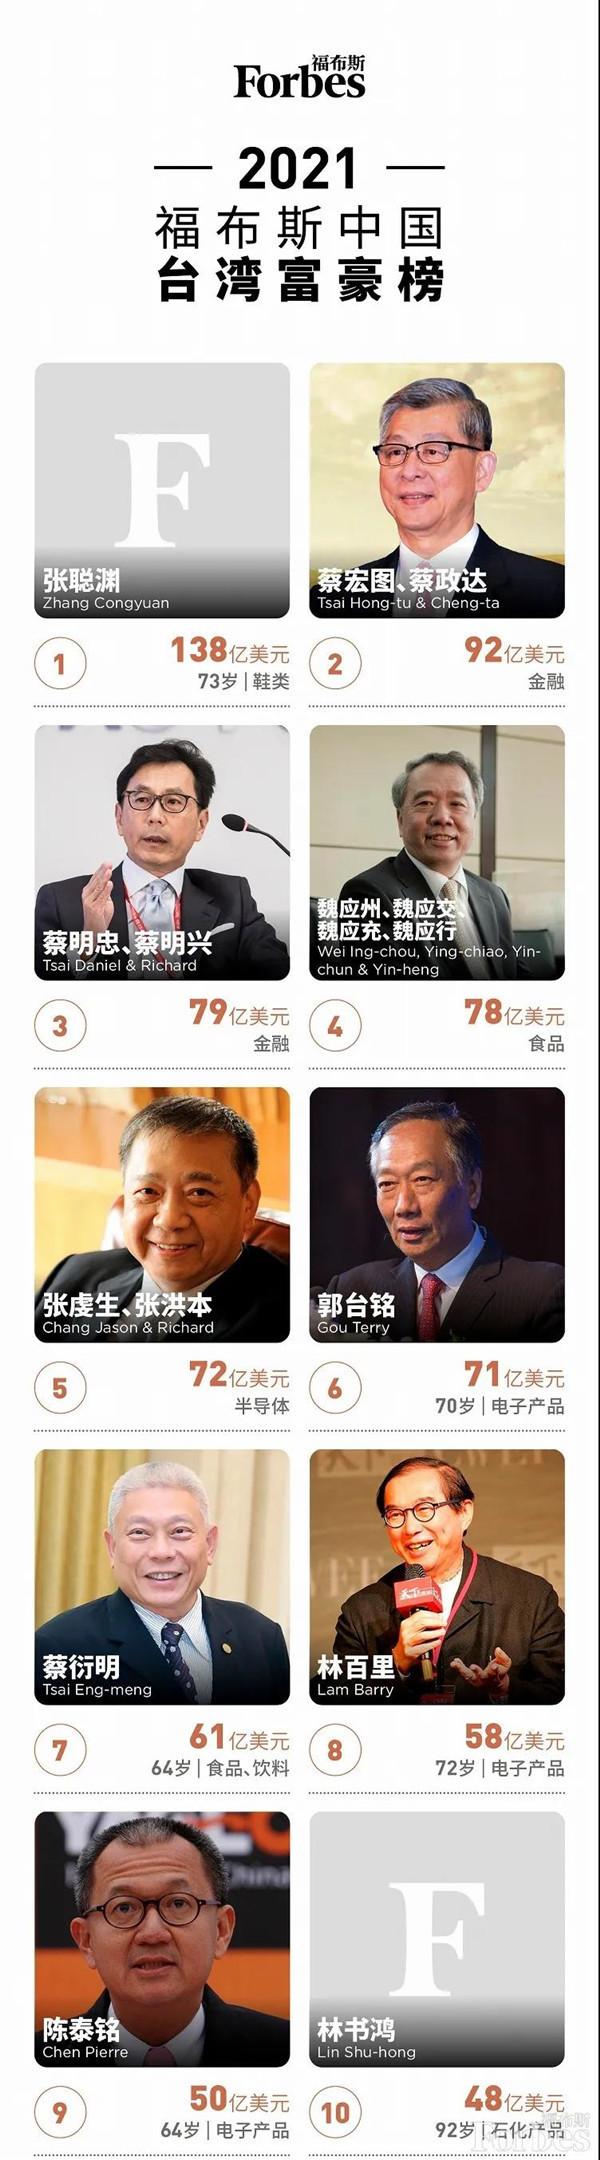 福布斯中国台湾富豪榜:联发科董事长财富上升超150%